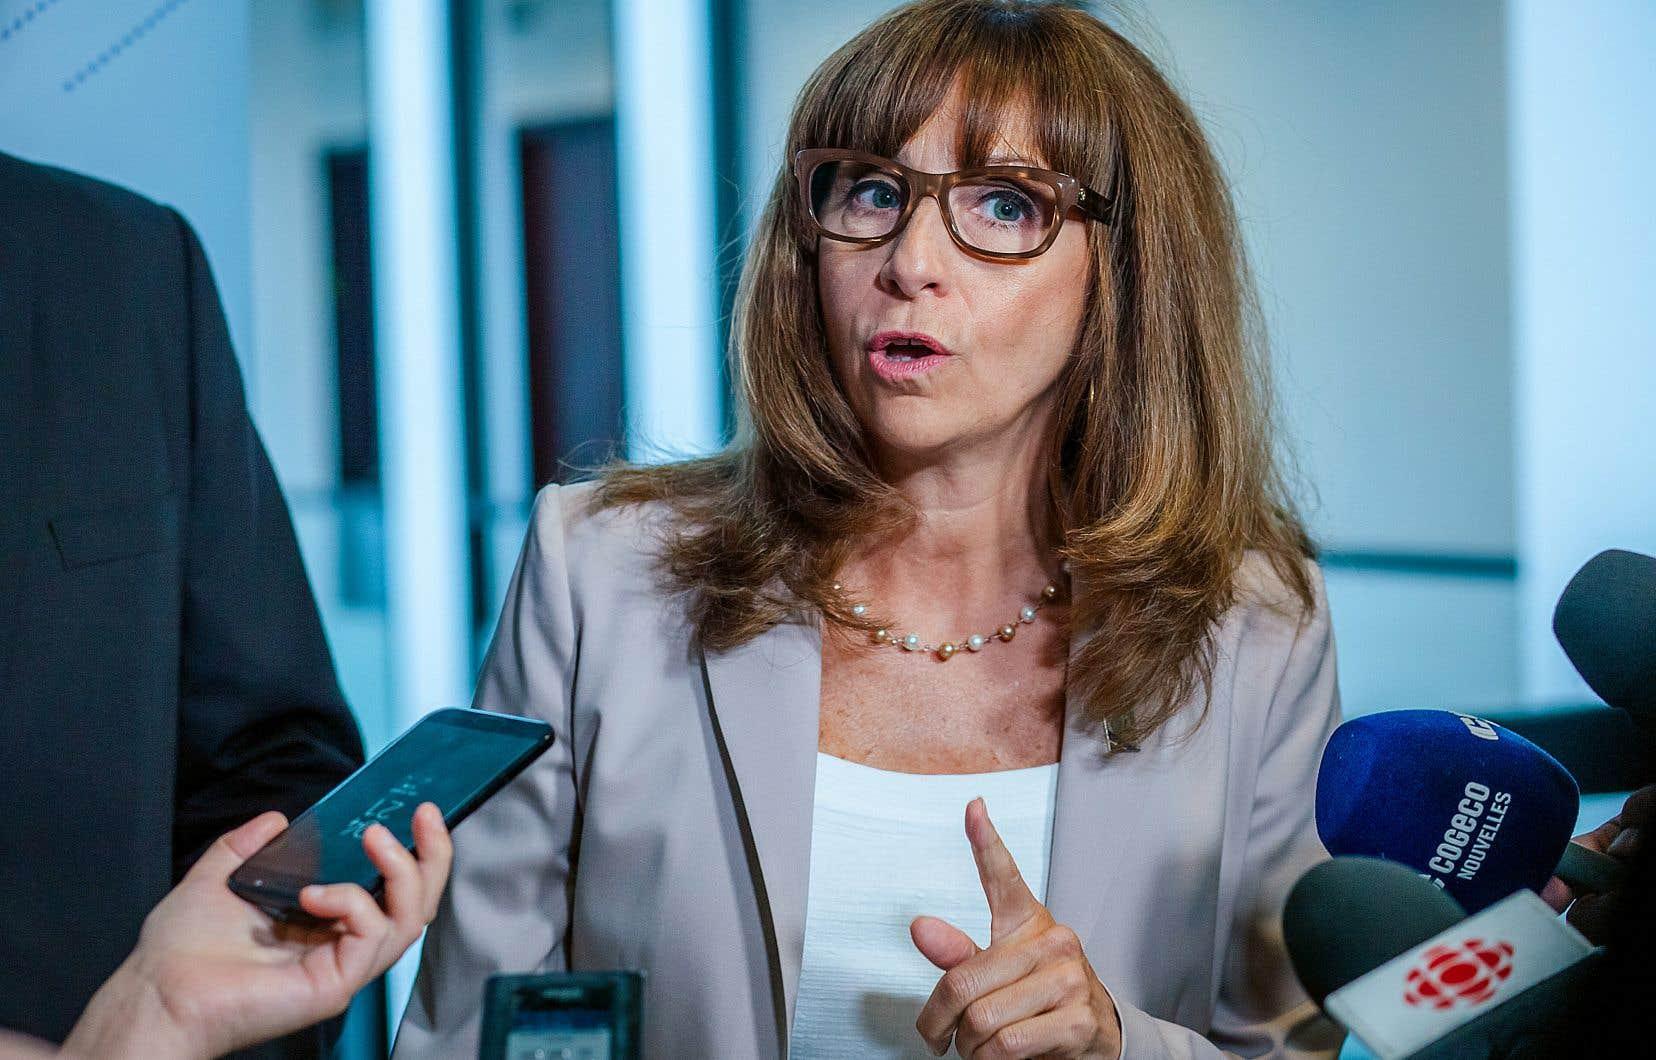 Les dirigeants du CQT ont écrit mardi à NathalieRoy pour exprimer l'inconfort provoqué par ses propos erronés prononcés au Salon bleu jeudi.